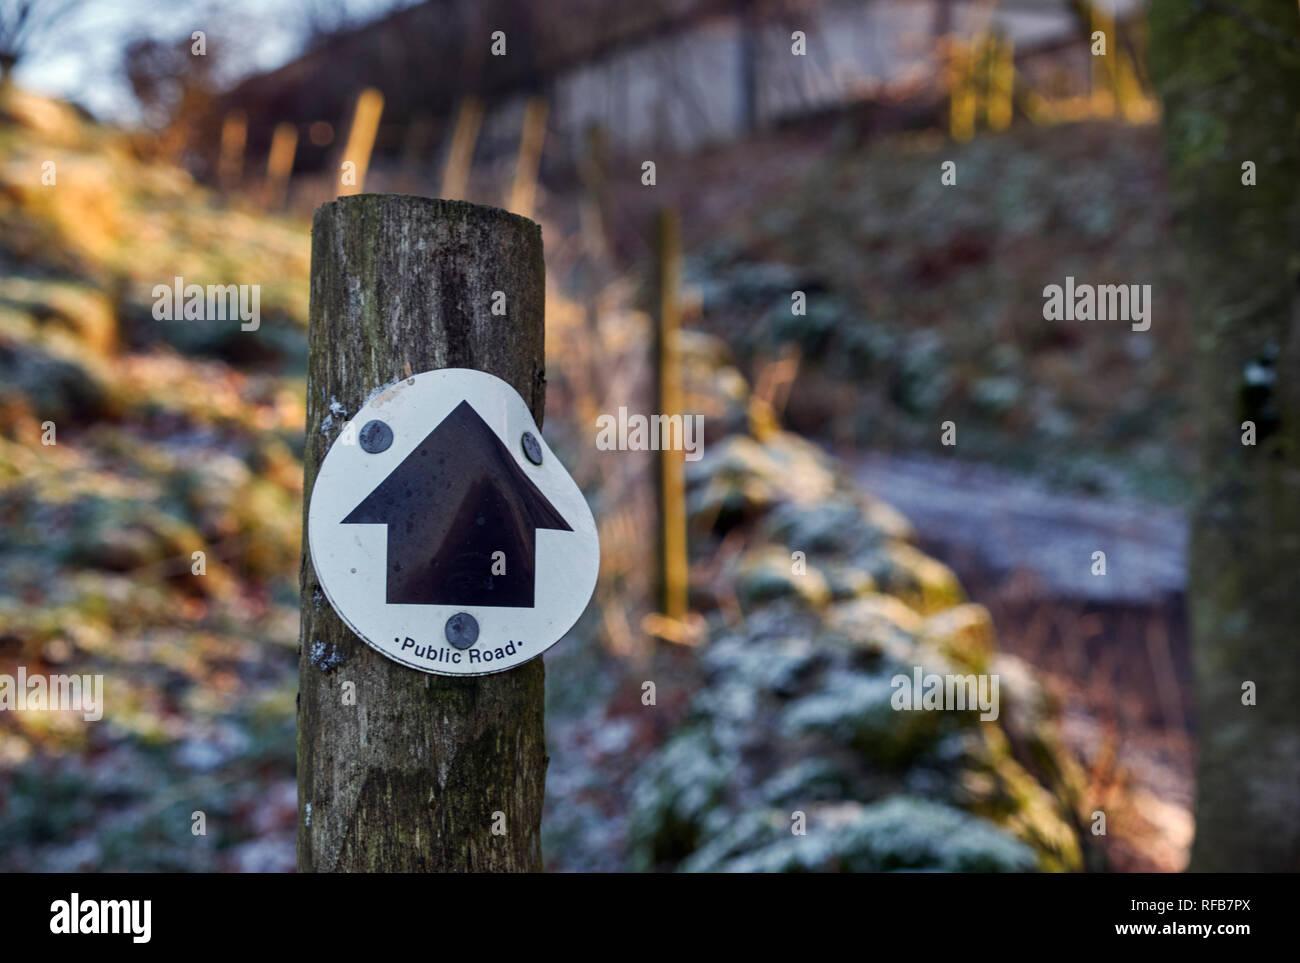 Signe pour voie verte près de colombe les trous. Parc national de Peak District, Derbyshire, Angleterre. Photo Stock